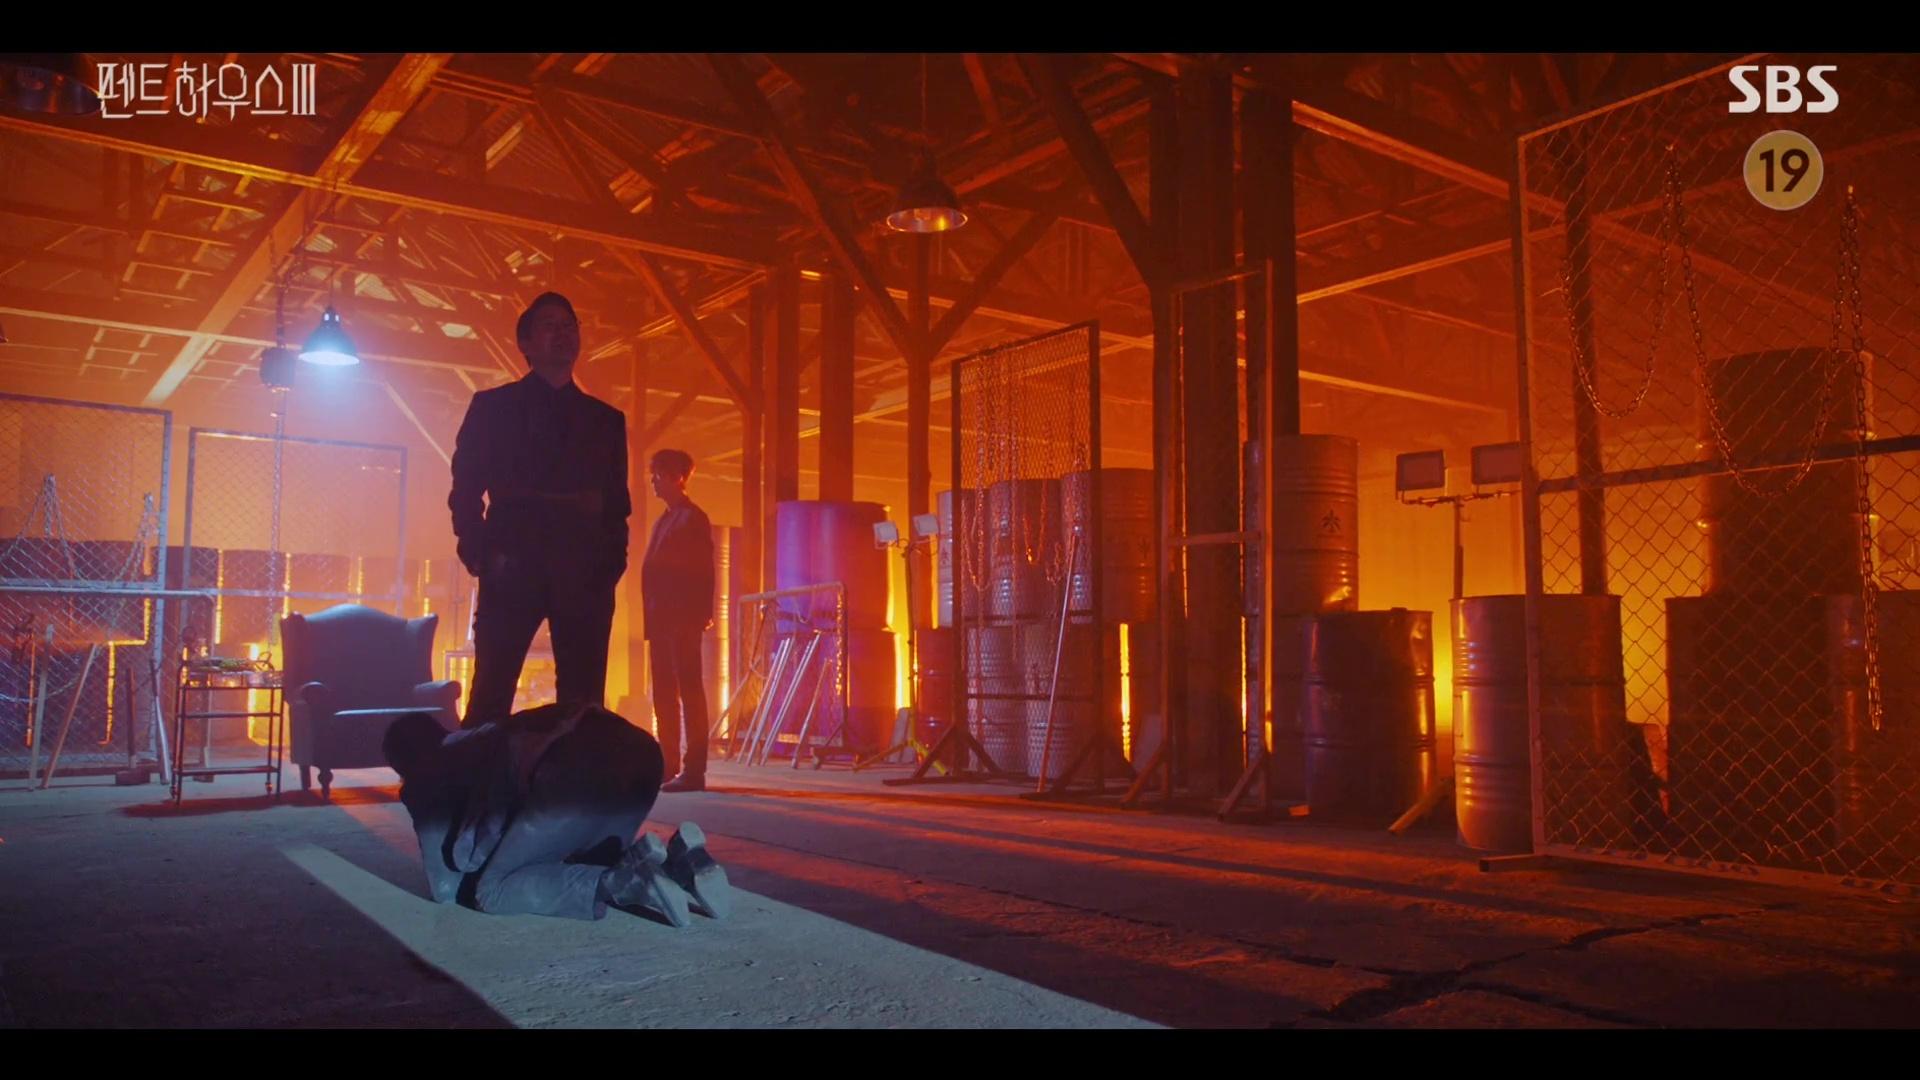 Penthouse Season 3 Episode 4 Recap and Review